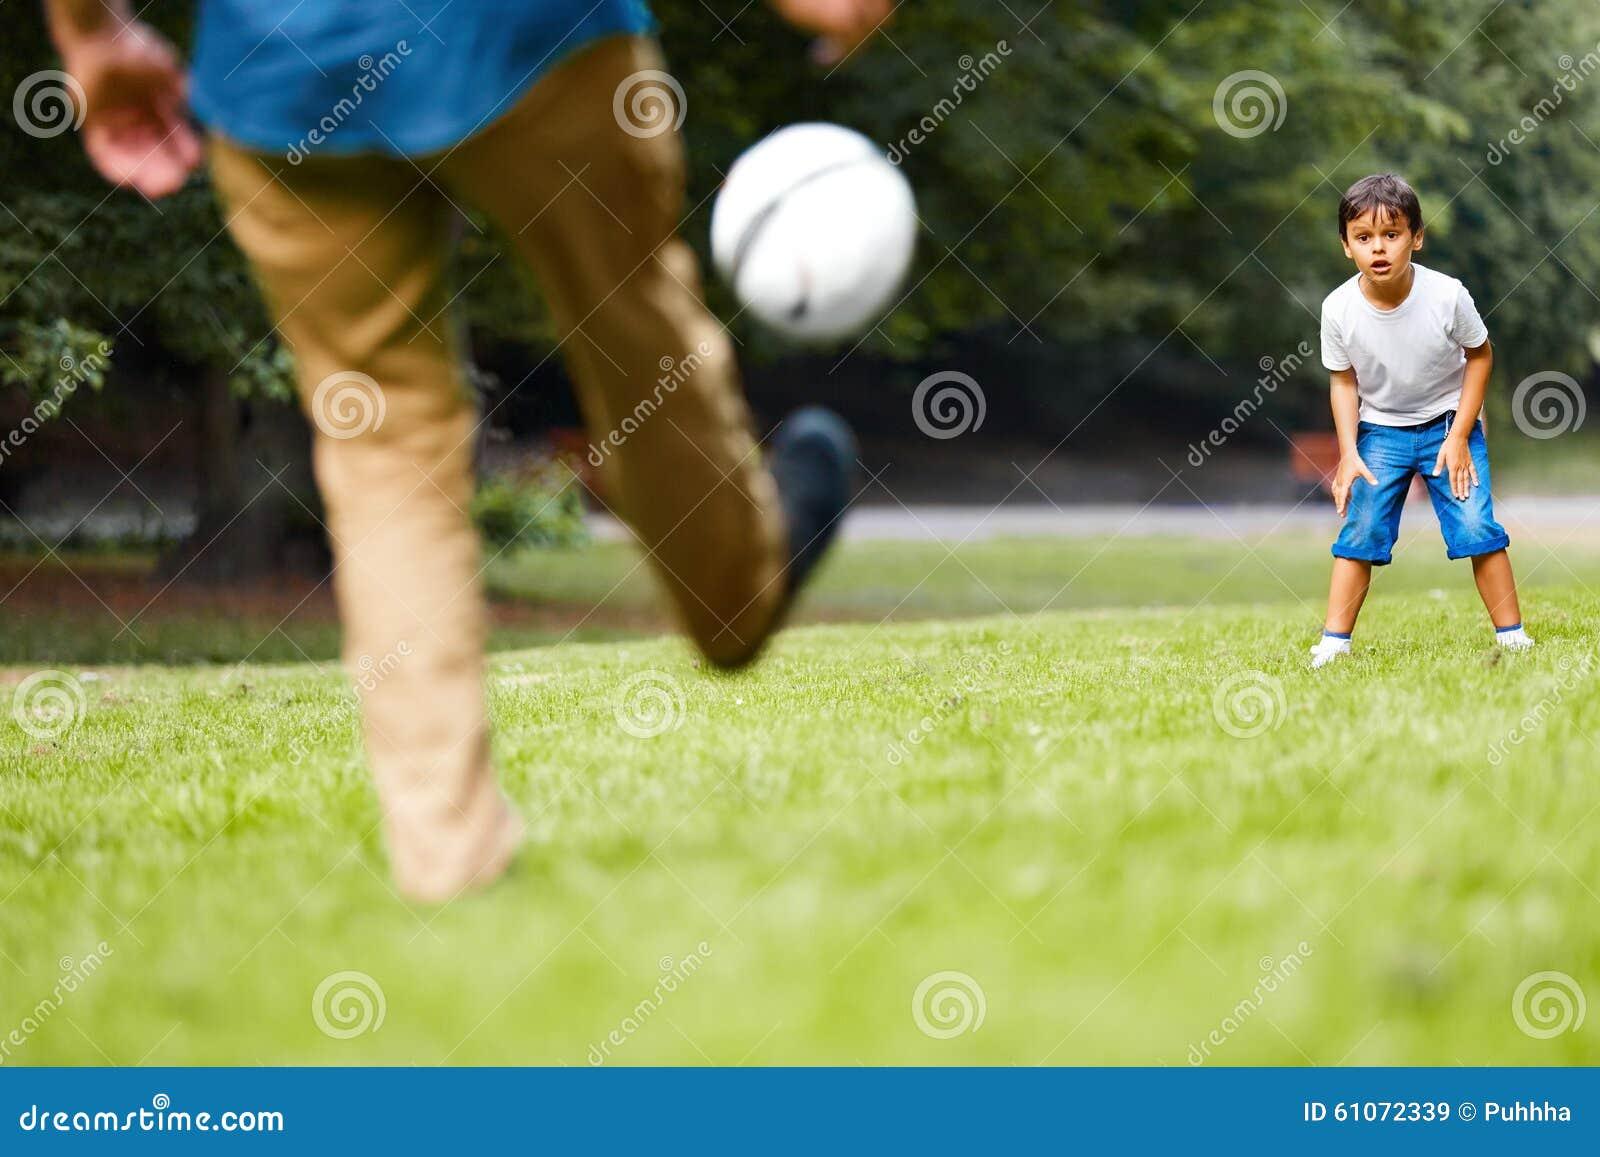 Fader och son som spelar fotboll i parkera